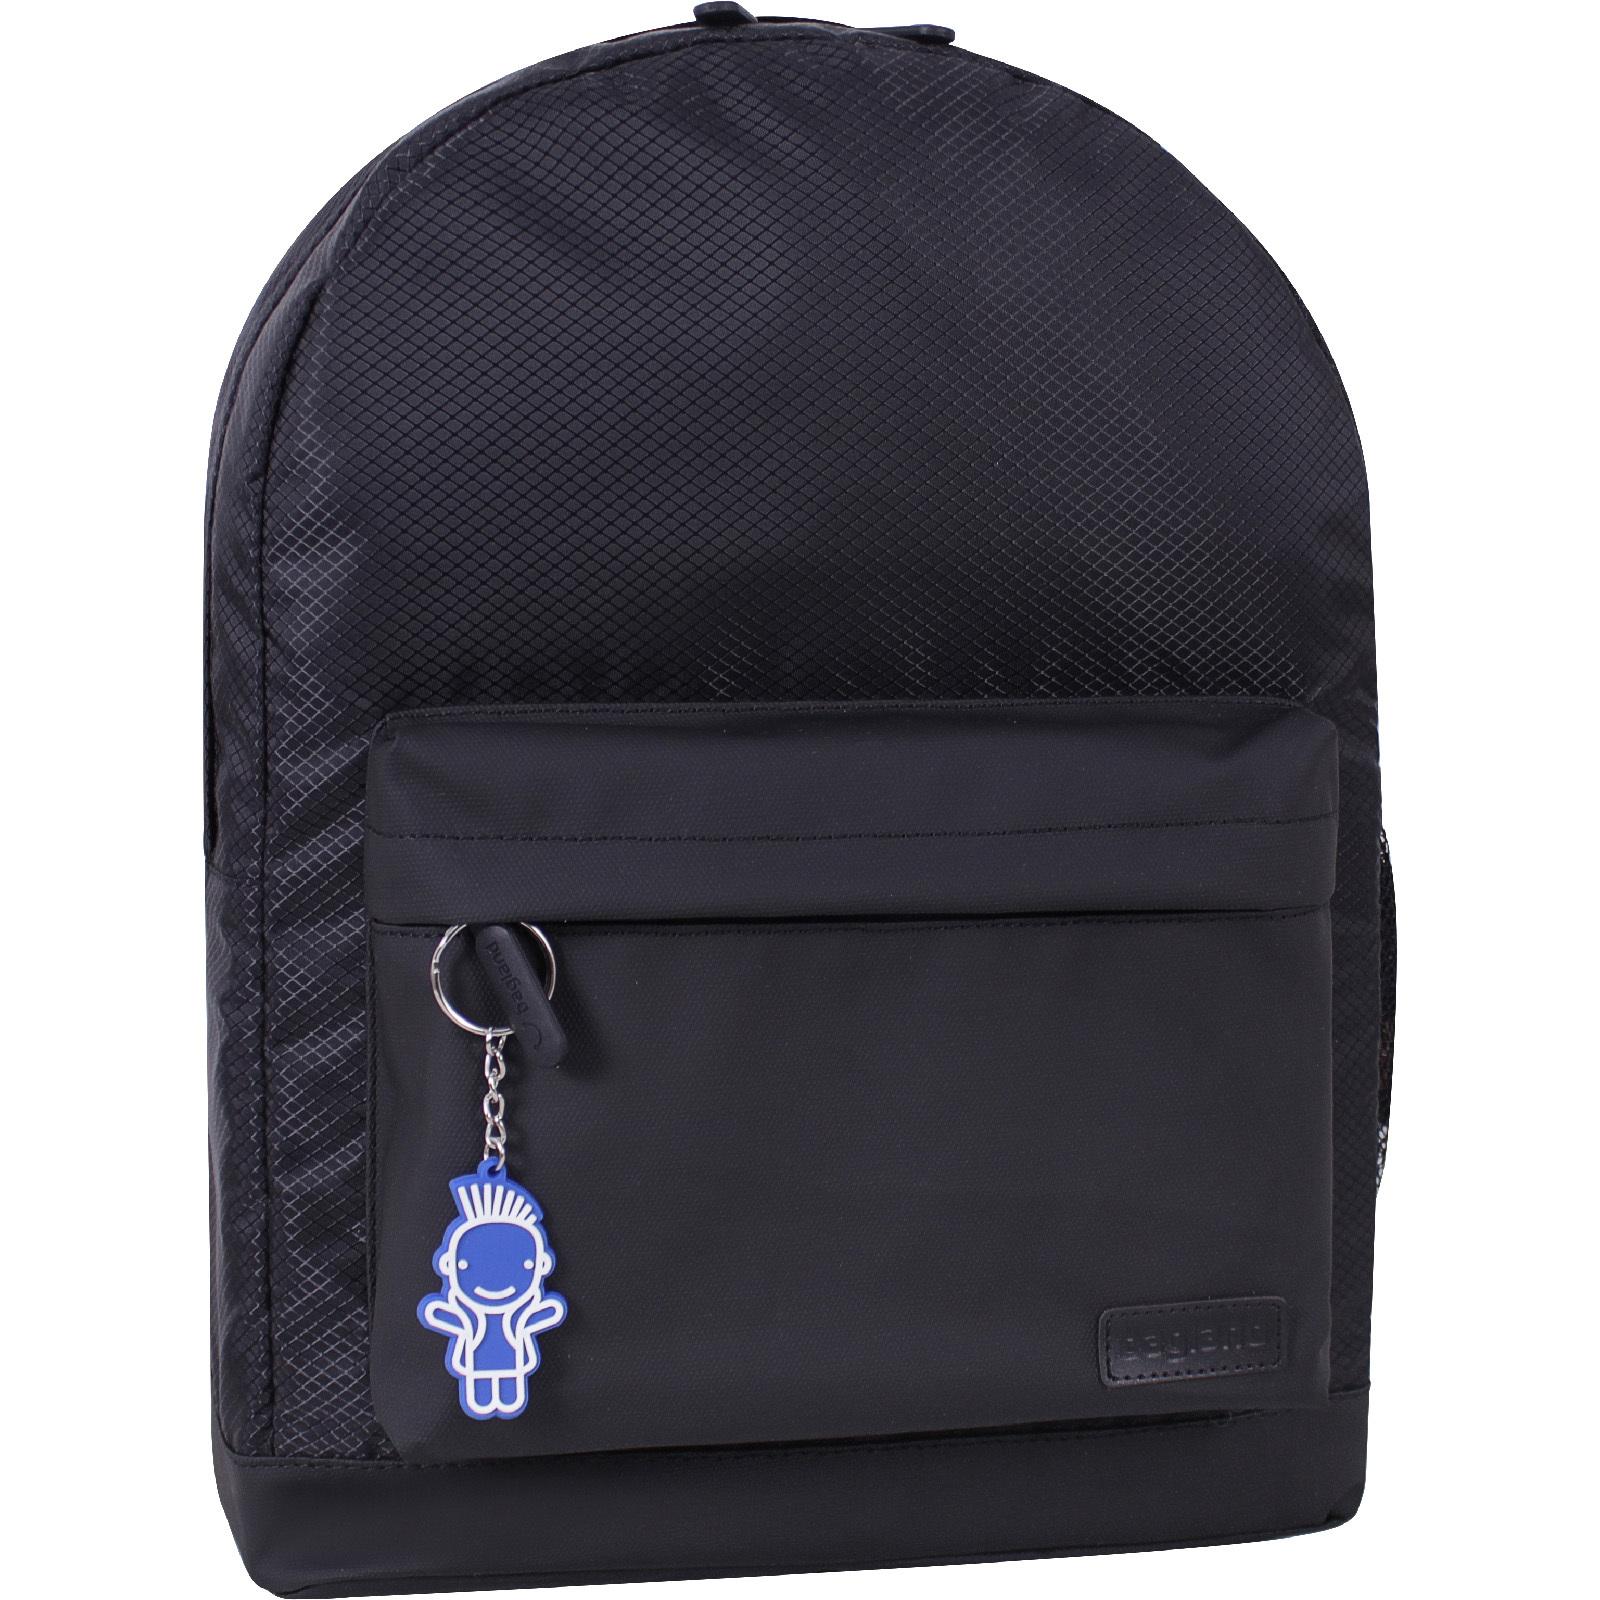 Городские рюкзаки Рюкзак Bagland Молодежный W/R 17 л. чорний (00533332) IMG_9468.jpg